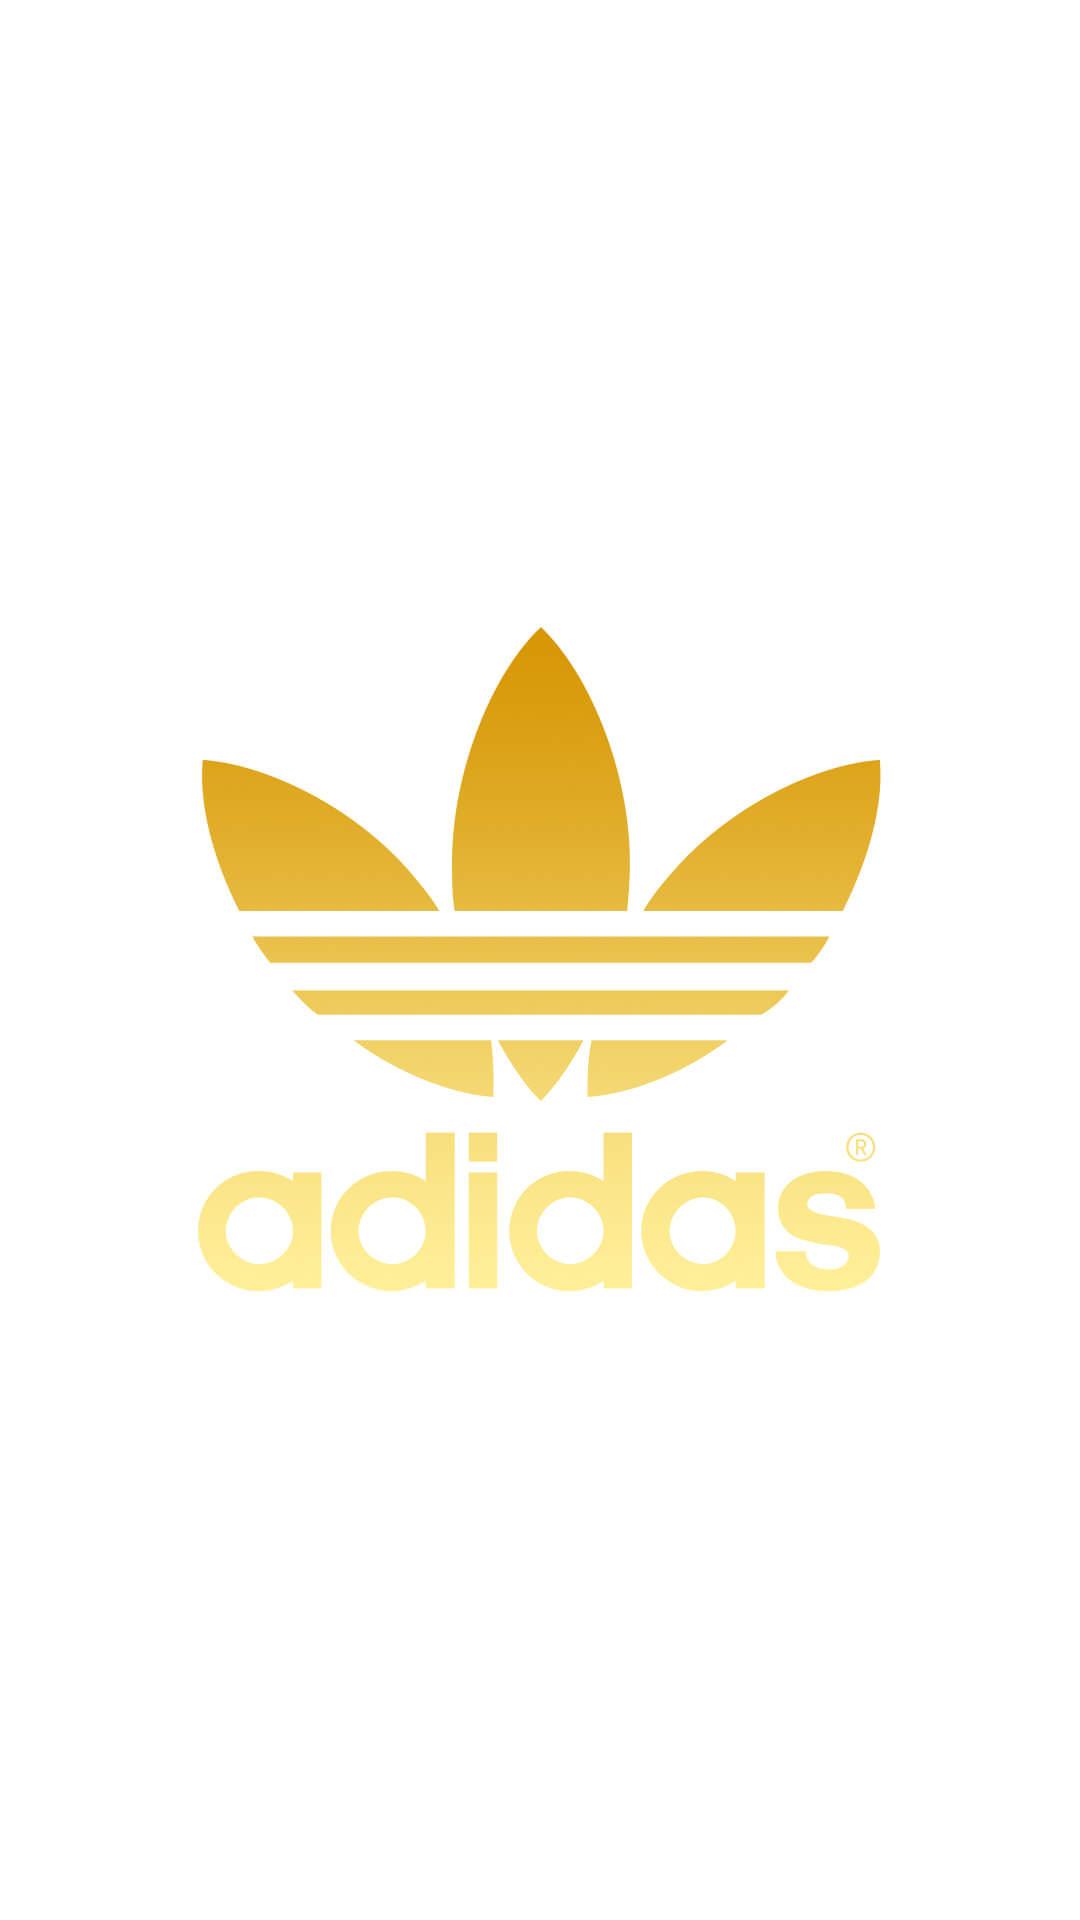 ゴールド アディダスロゴ Adidas Logo めちゃ人気 Iphone壁紙dj